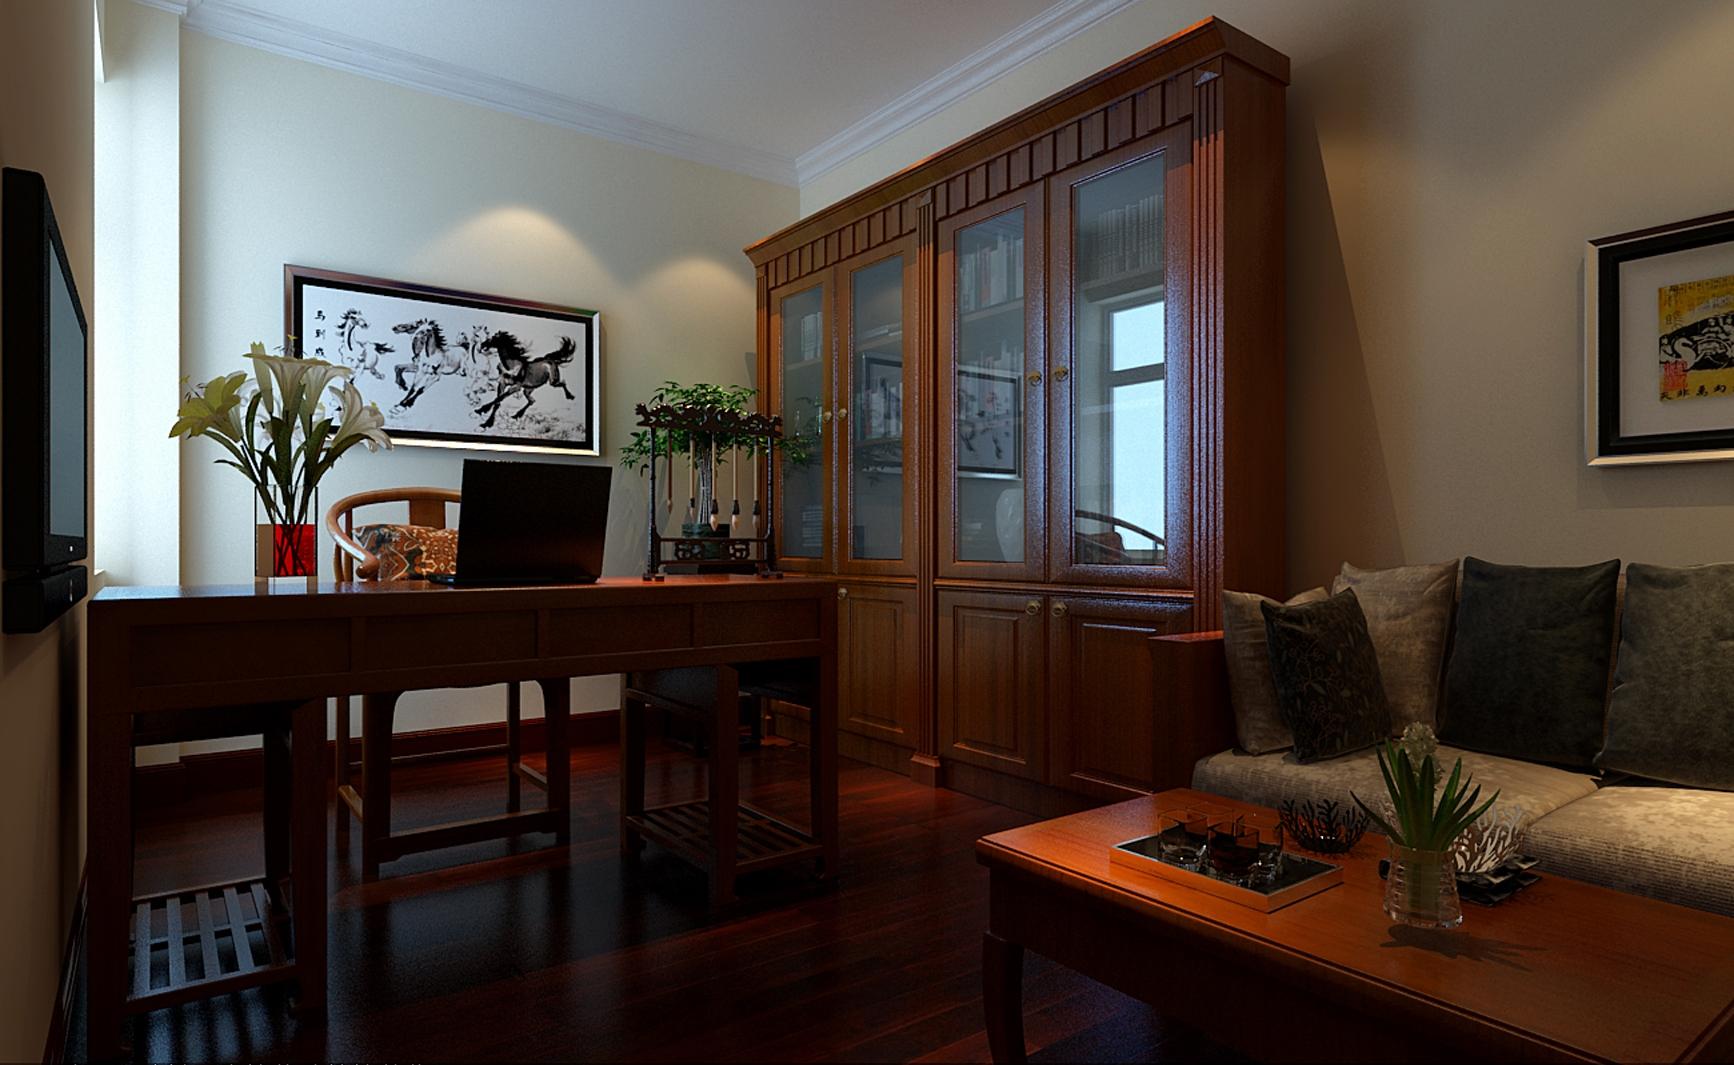 简约 中式 两居 书房图片来自实创装饰上海公司在徐汇区81.6平中式风格装修效果图的分享